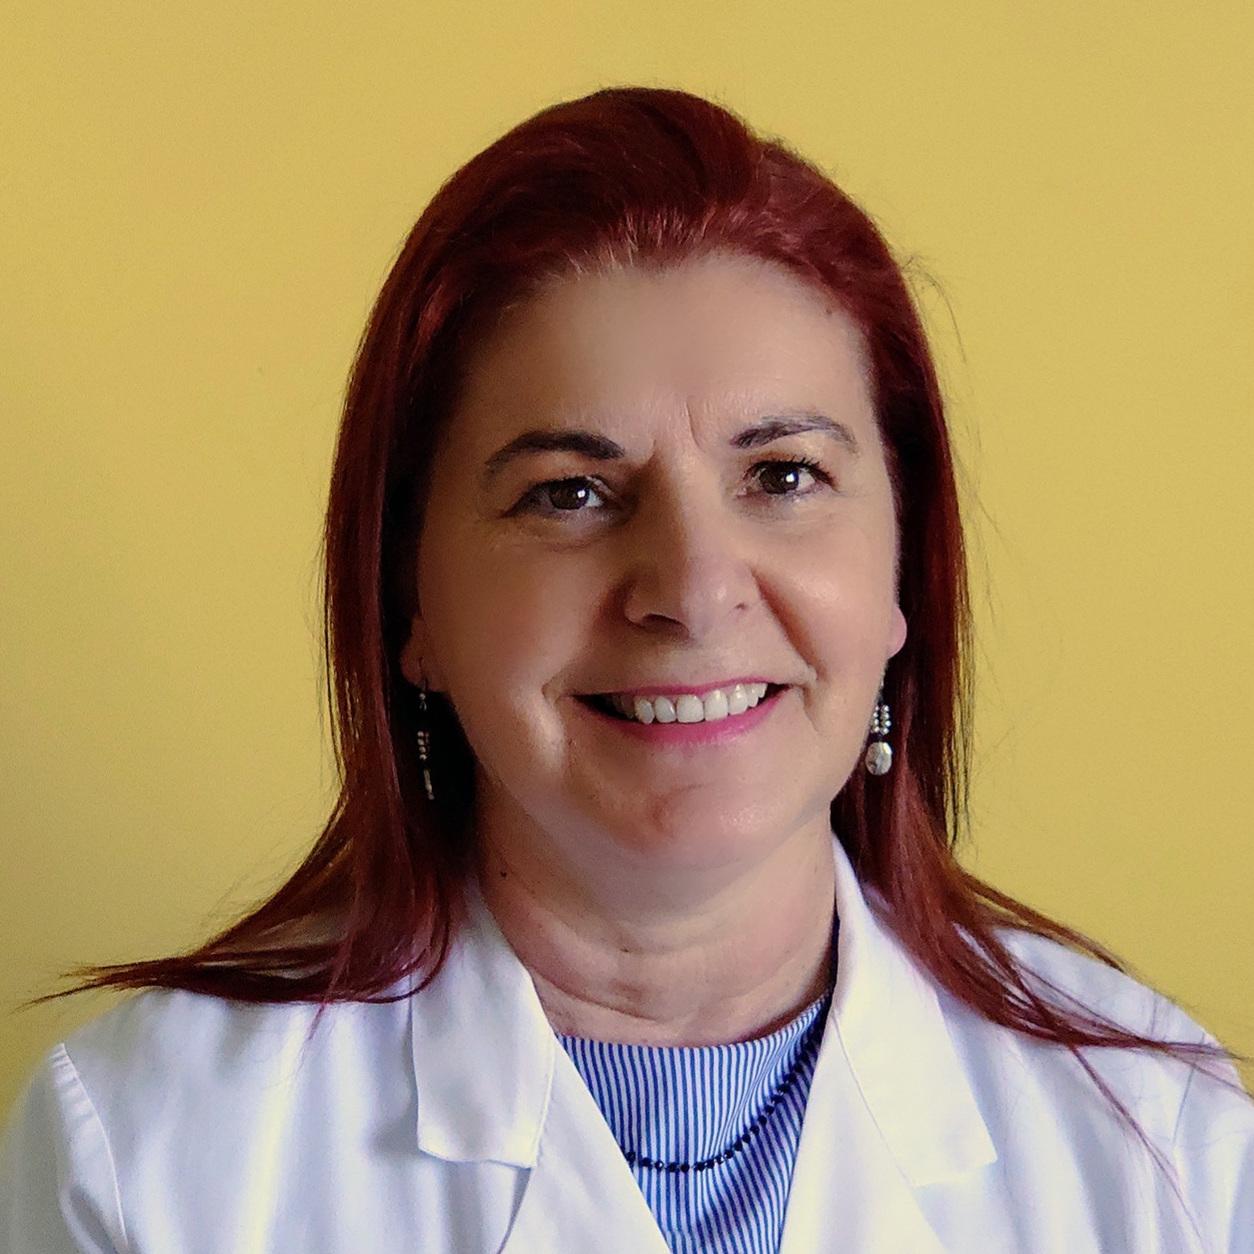 Maria Rosaria Stabile